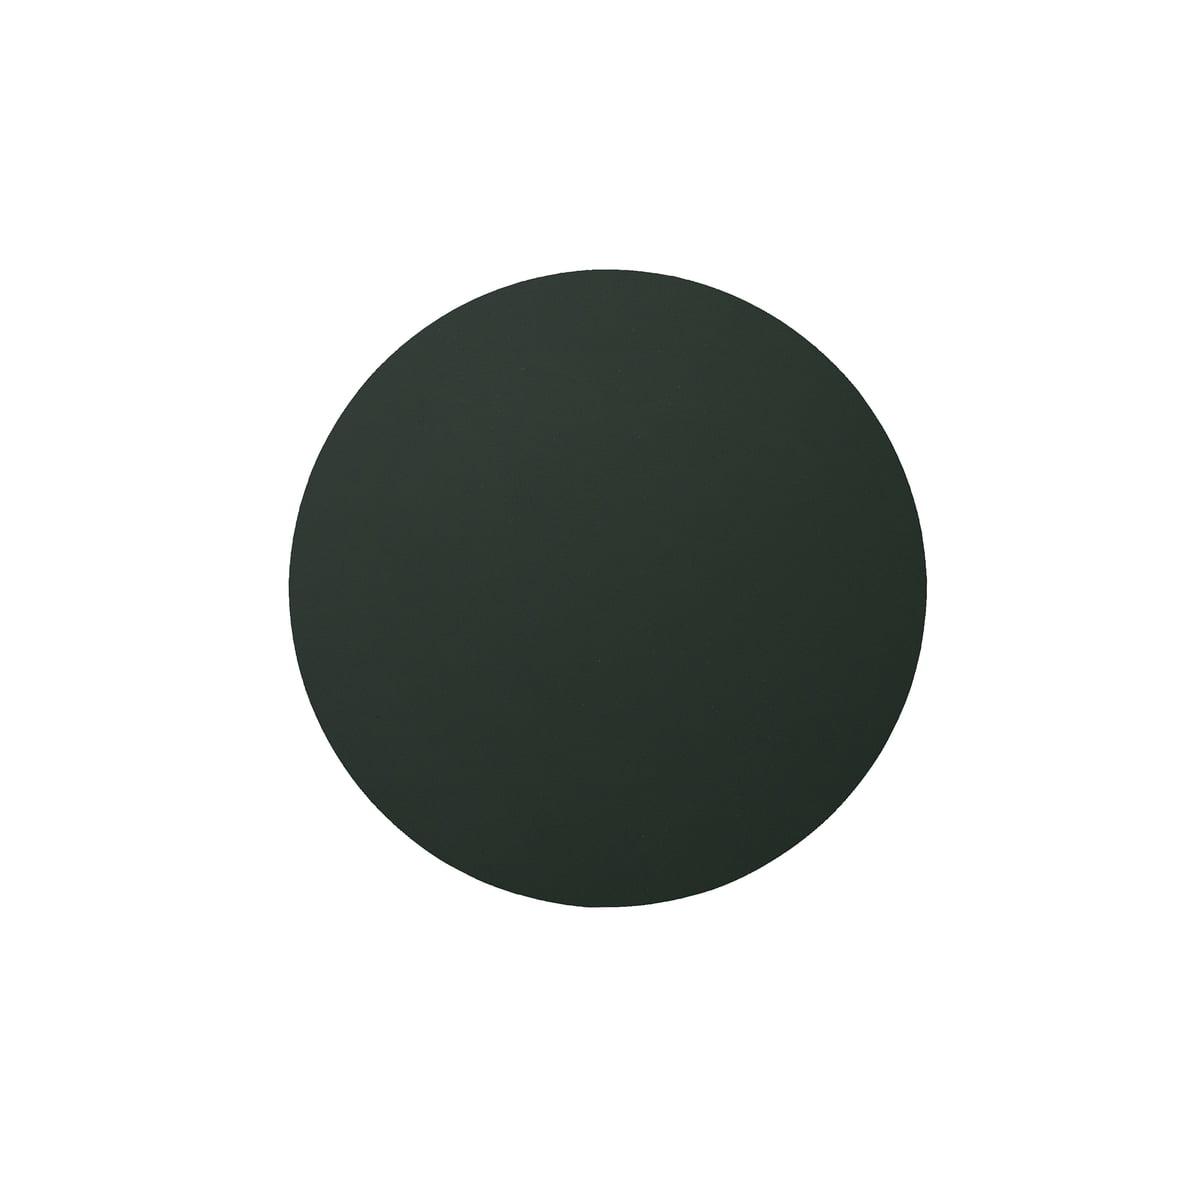 LIND DNA LindDNA - Glasuntersetzer circle Ø 10 cm, Softbuck dunkelgrün | Küche und Esszimmer > Küchen-Zubehör > Halter und Haken | Dunkelgrün | Recyceltes leder | LIND DNA